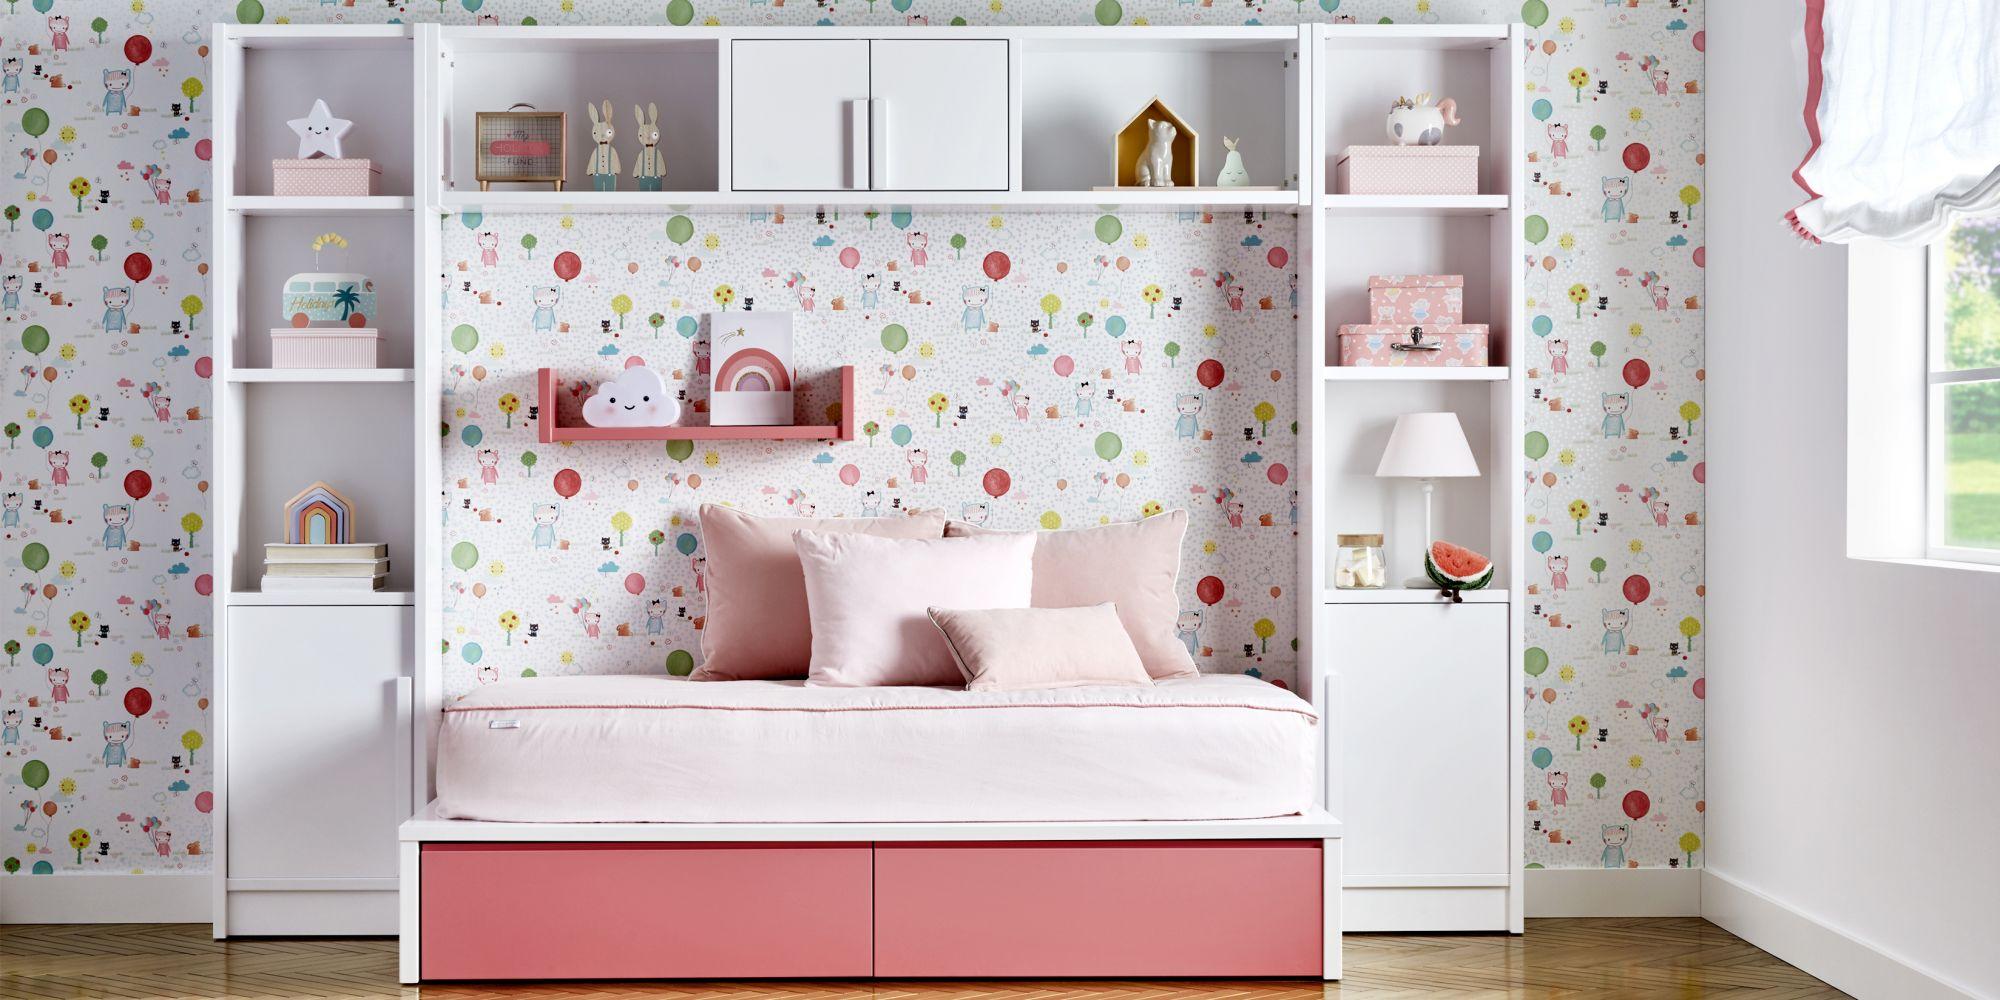 Cama tatami blanca y rosa con estanterias